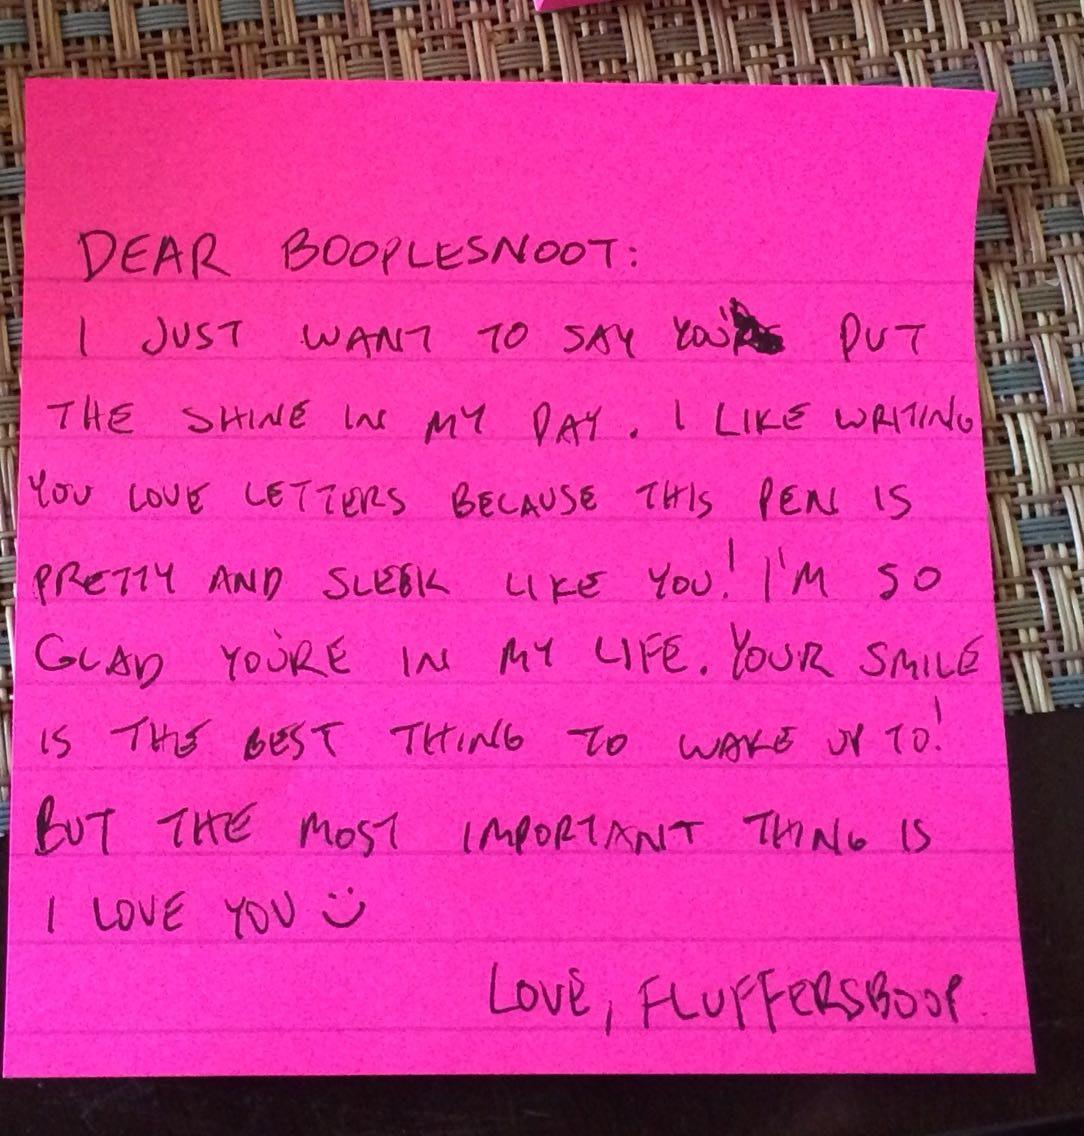 Love letter for a boyfriend from girlfriend